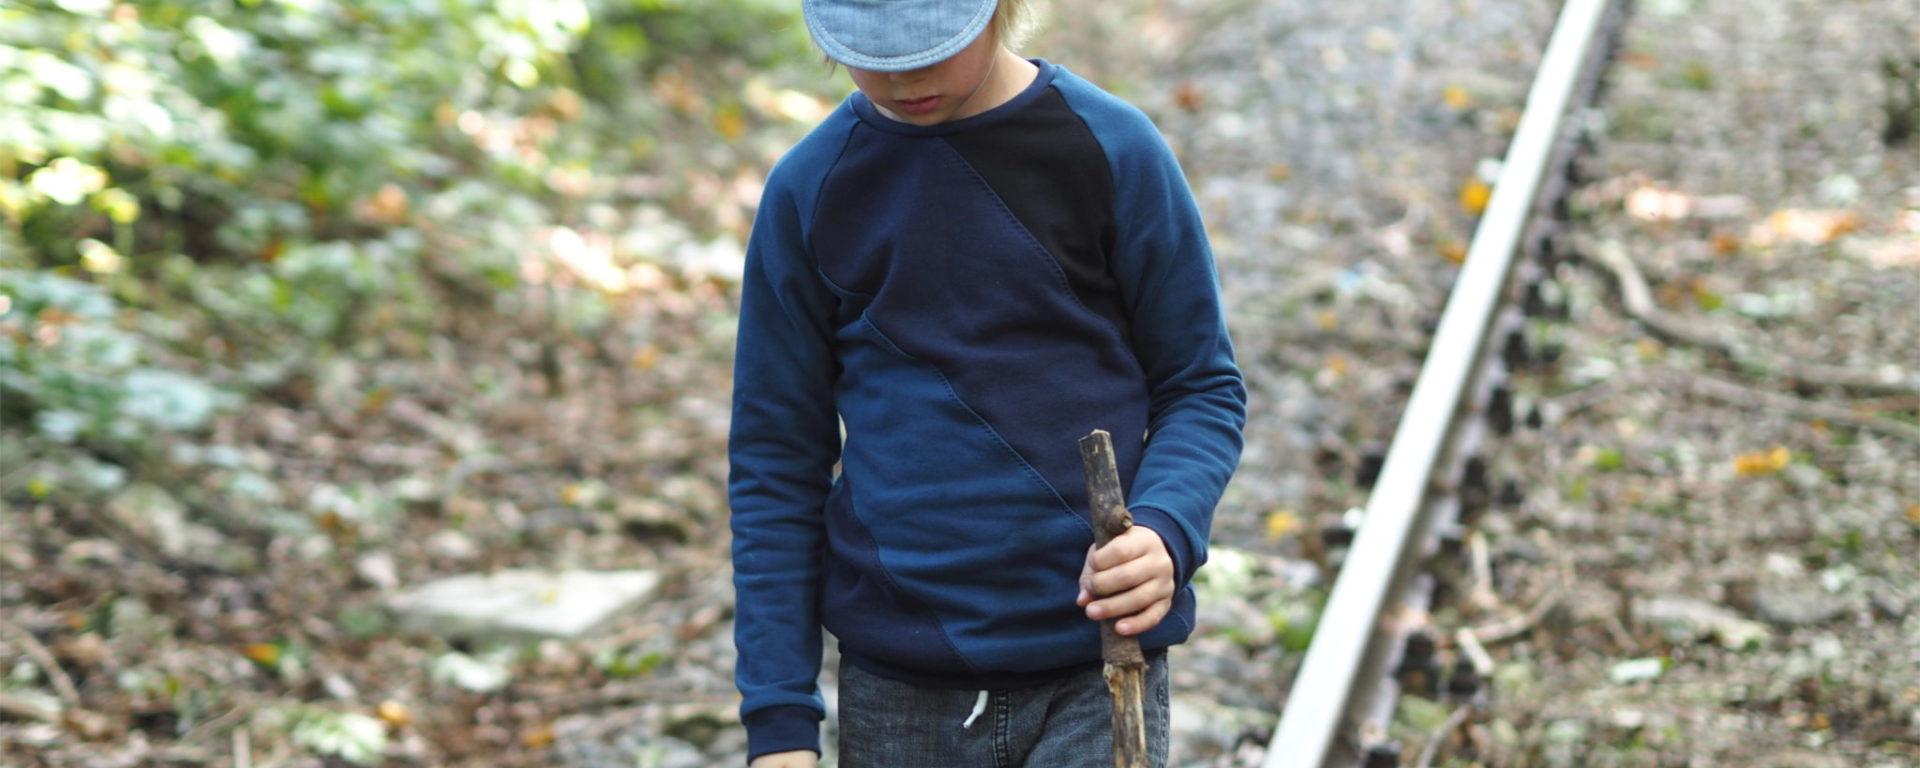 Raglanhoodie – diesmal ohne Kapuze   weisnähschen